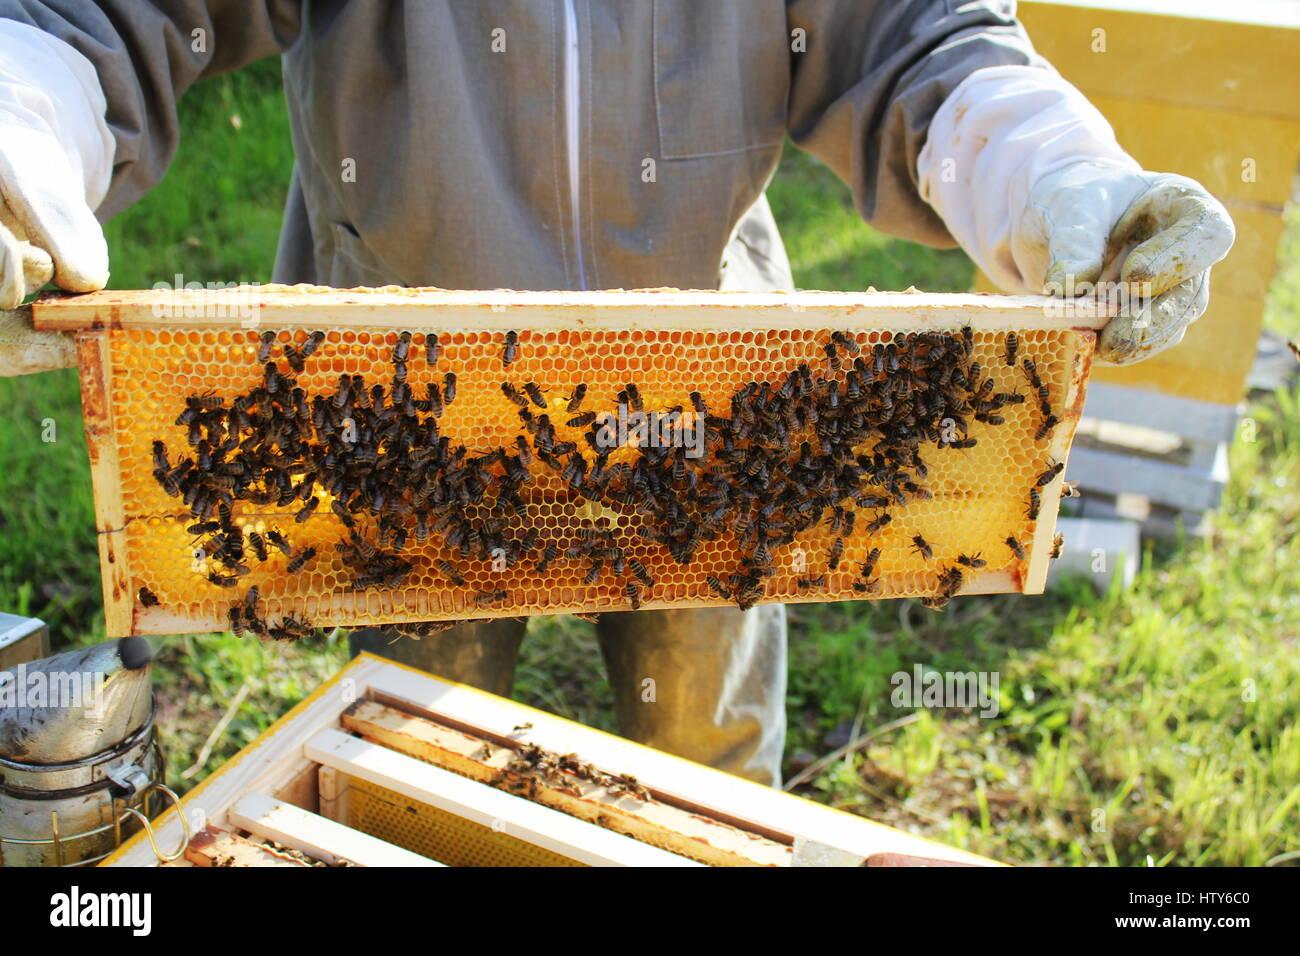 Apicoltore trattiene il telaio con il nido d'ape Immagini Stock